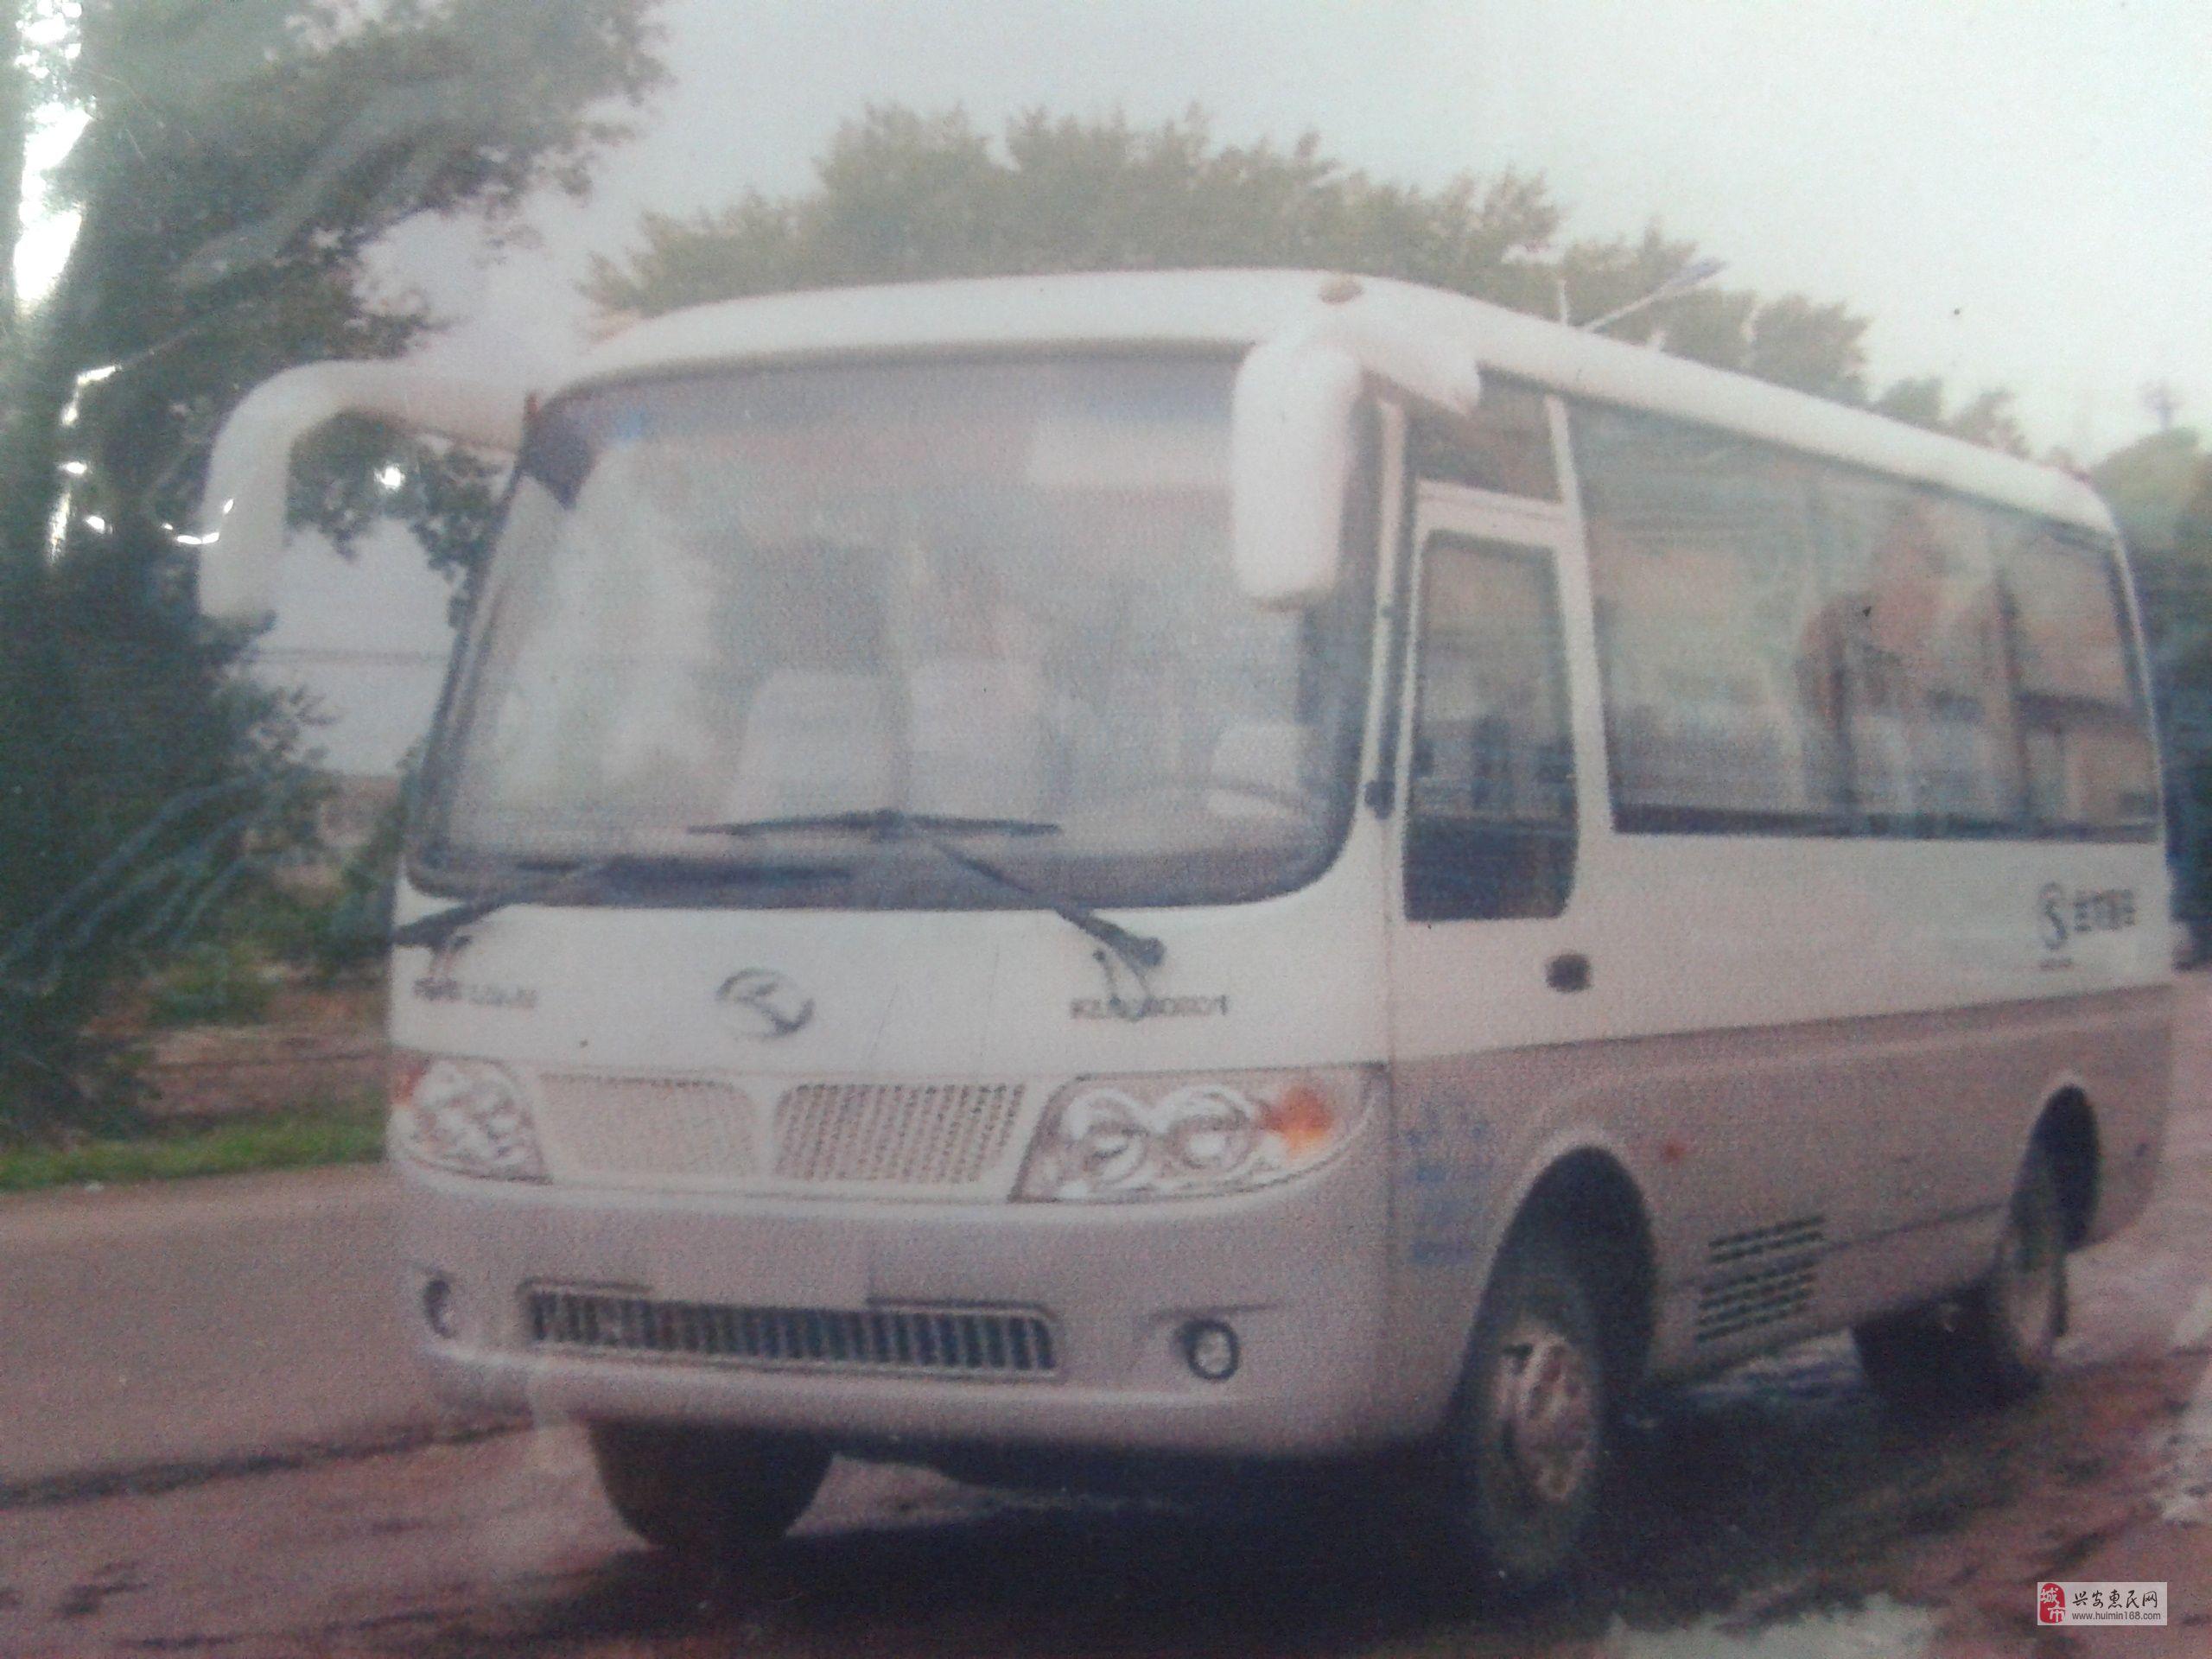 乌兰浩特低价出售19座苏州金龙空调客车